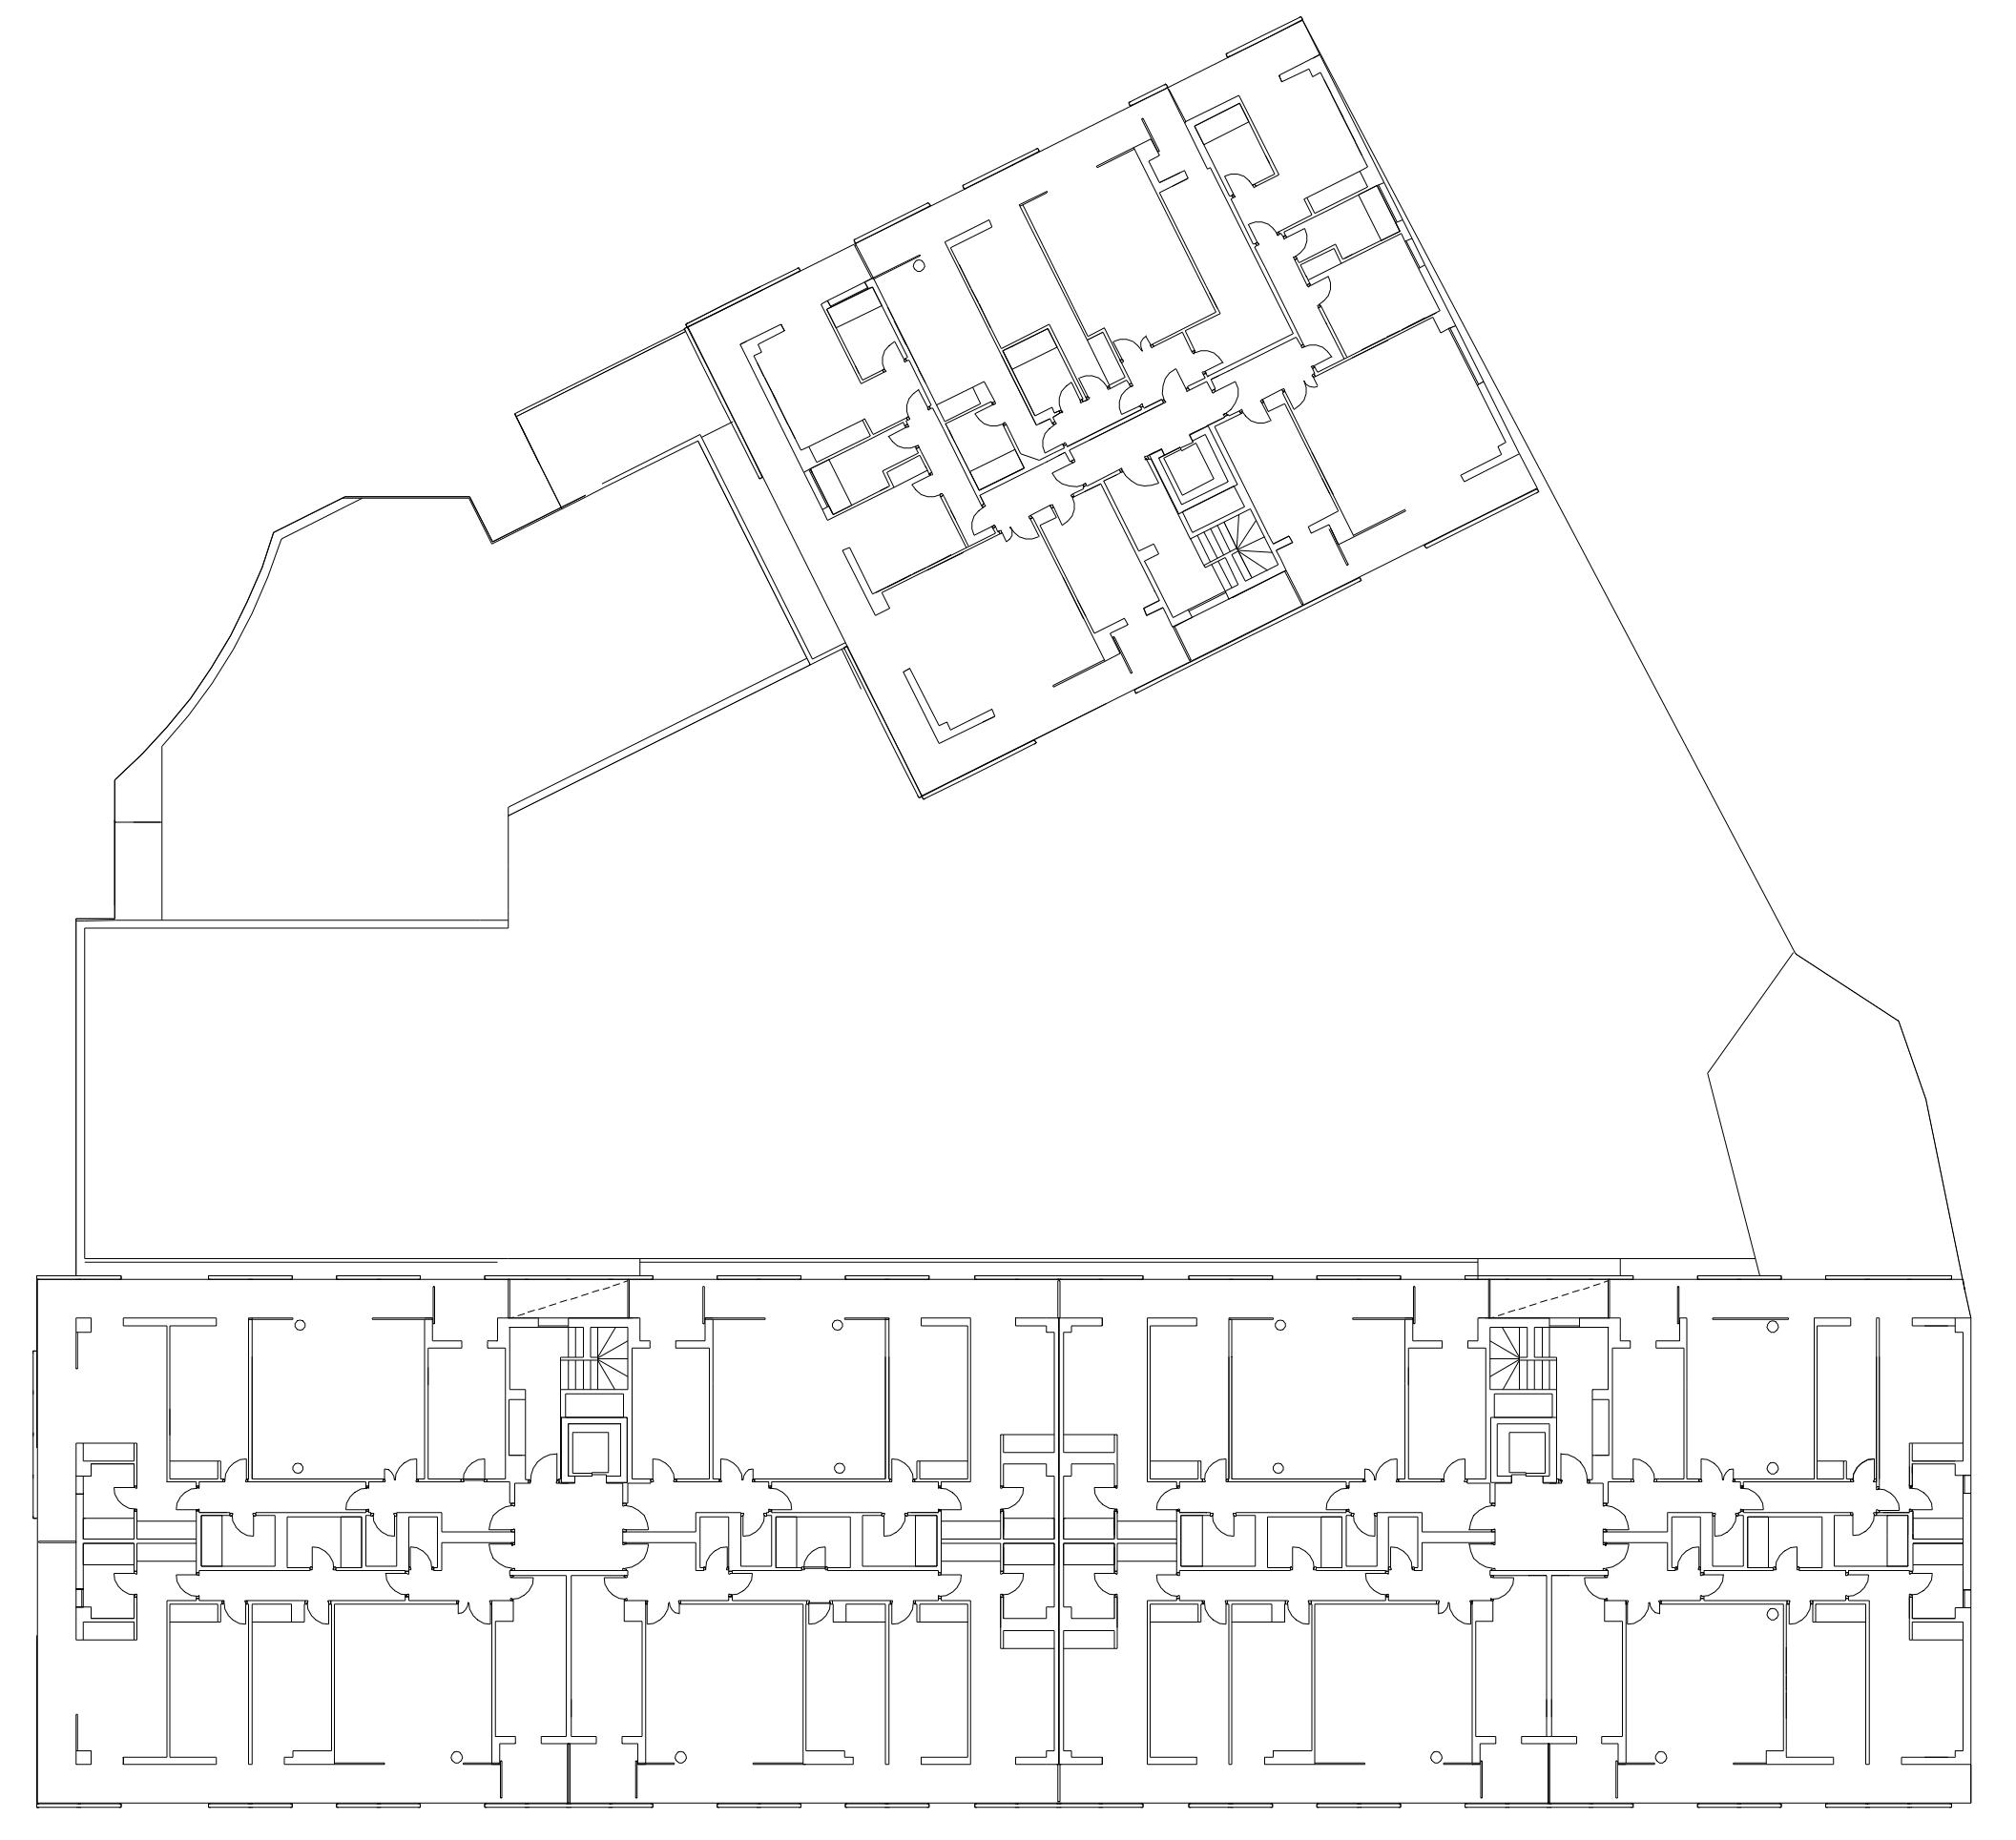 Concurso para un edificio de 75 viviendas | Imagen de proyecto4